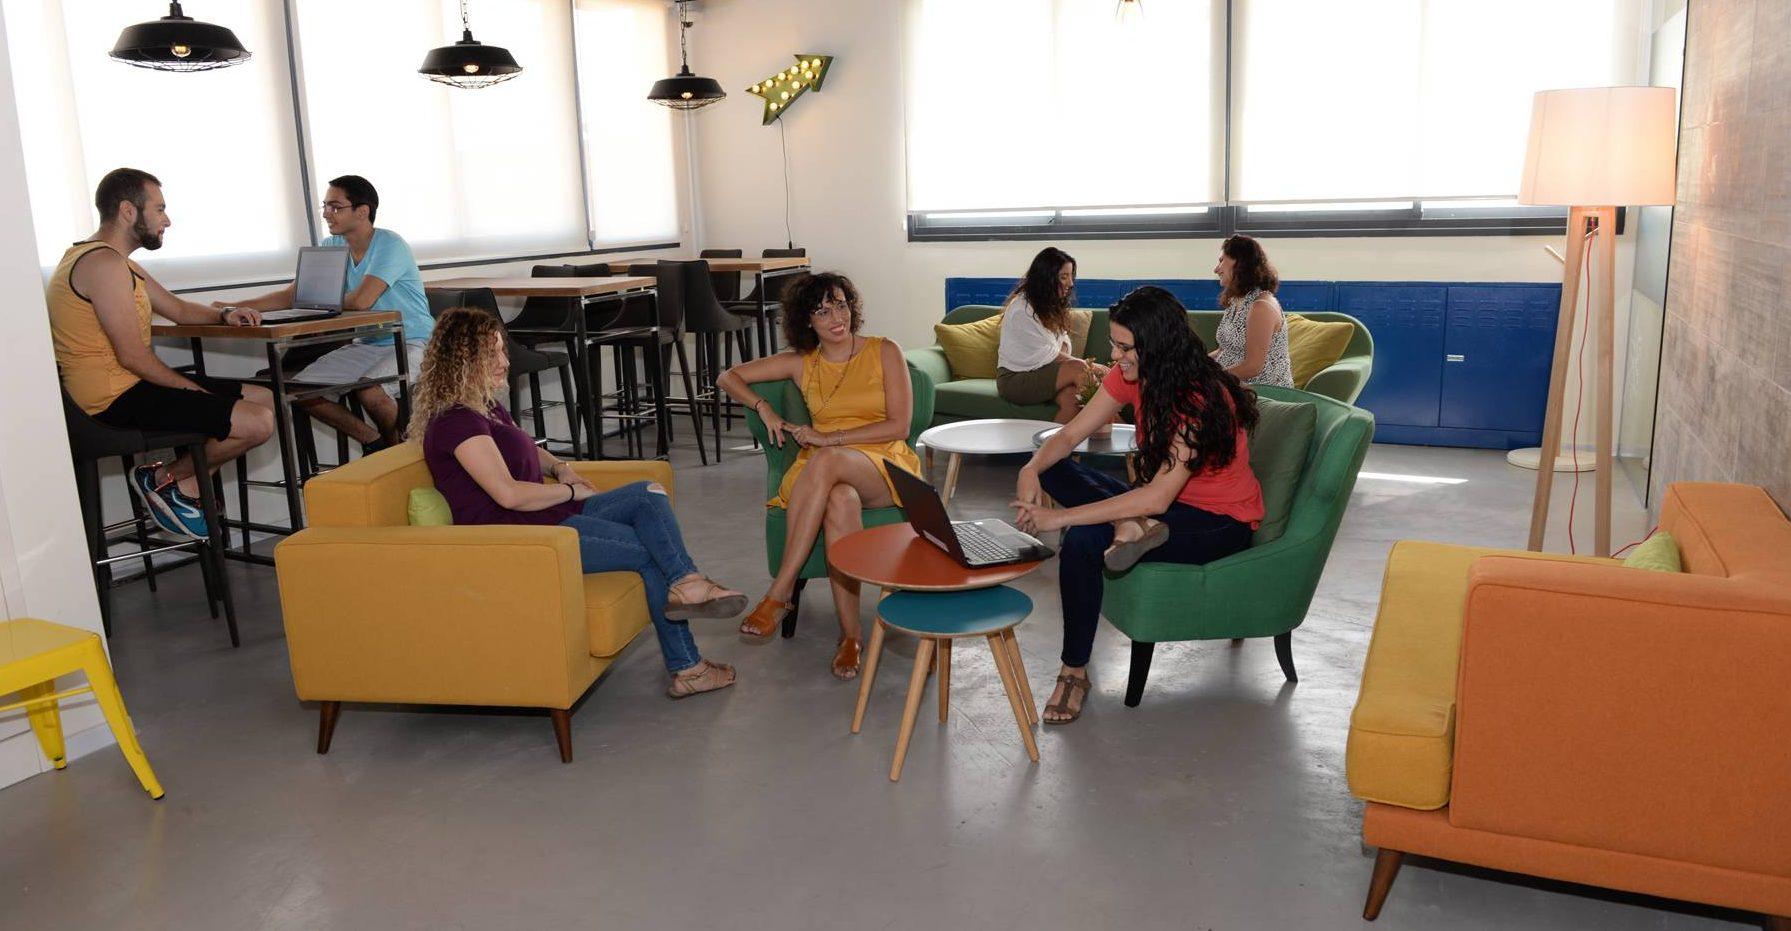 עיריית חולון תקים מרכז צעירים בשכונת ג'סי כהן